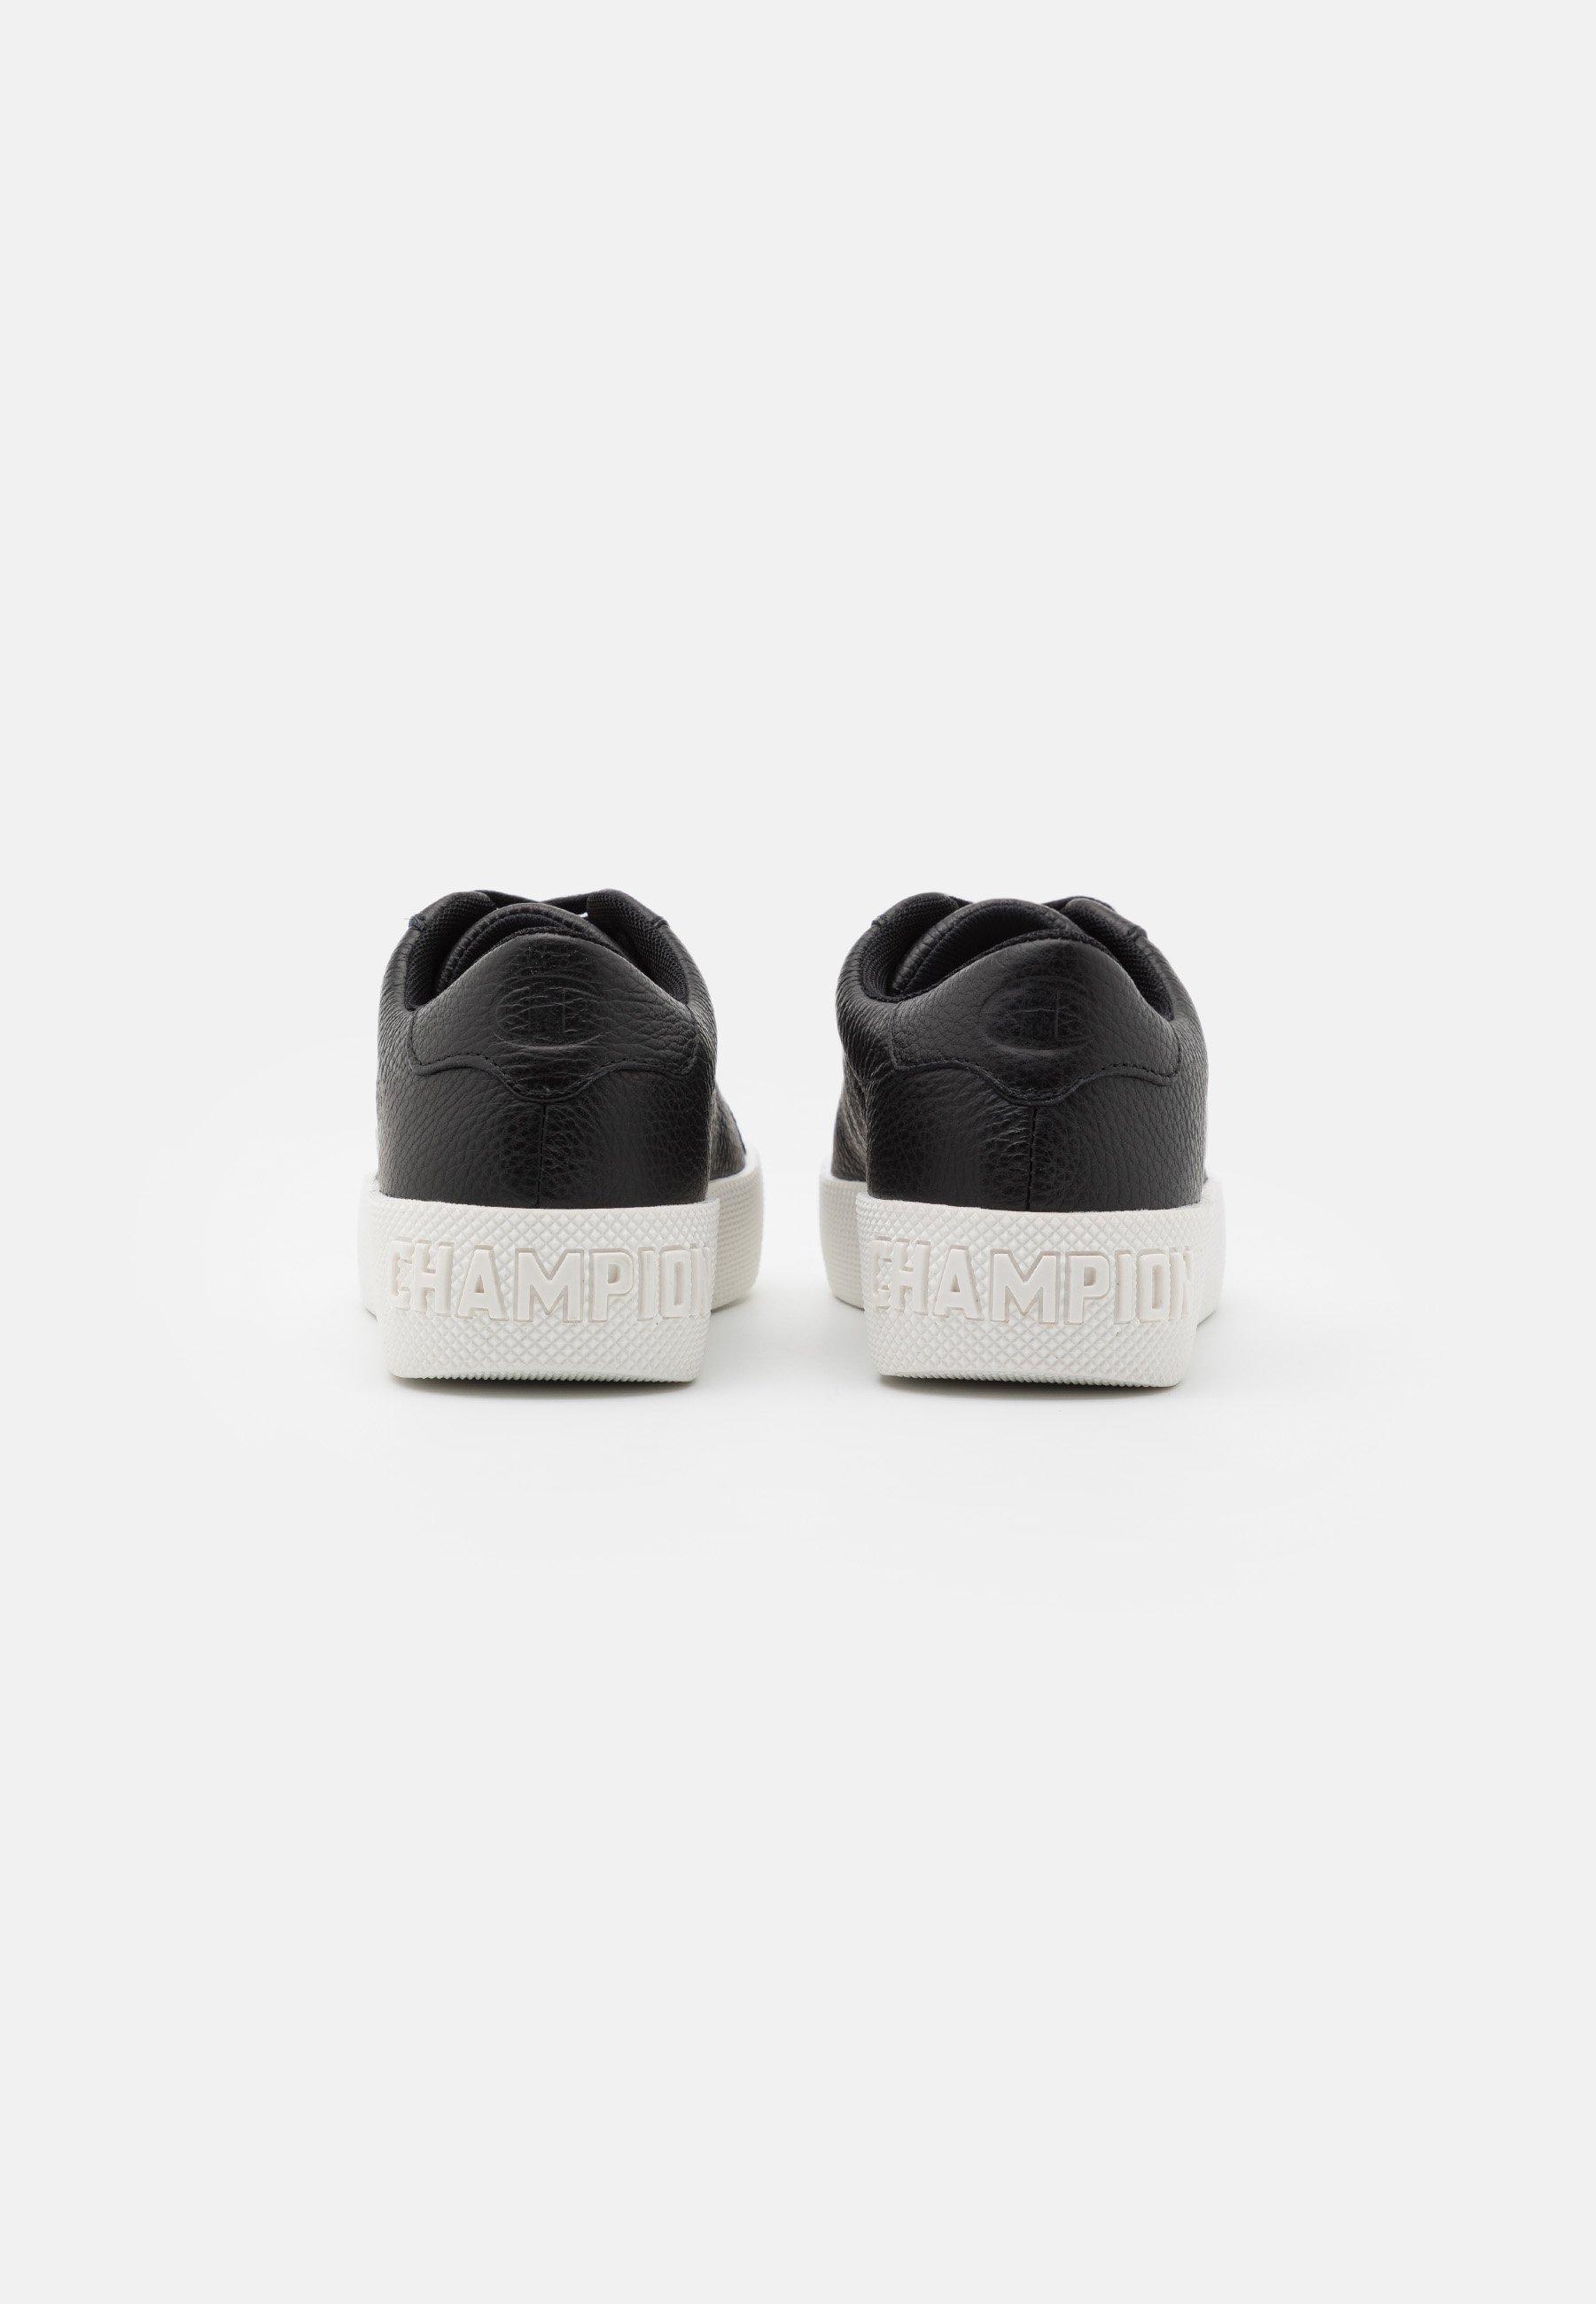 Wholesale Women's Shoes Champion LOW CUT SHOE ERA Sports shoes new black uWpiEmQ5q